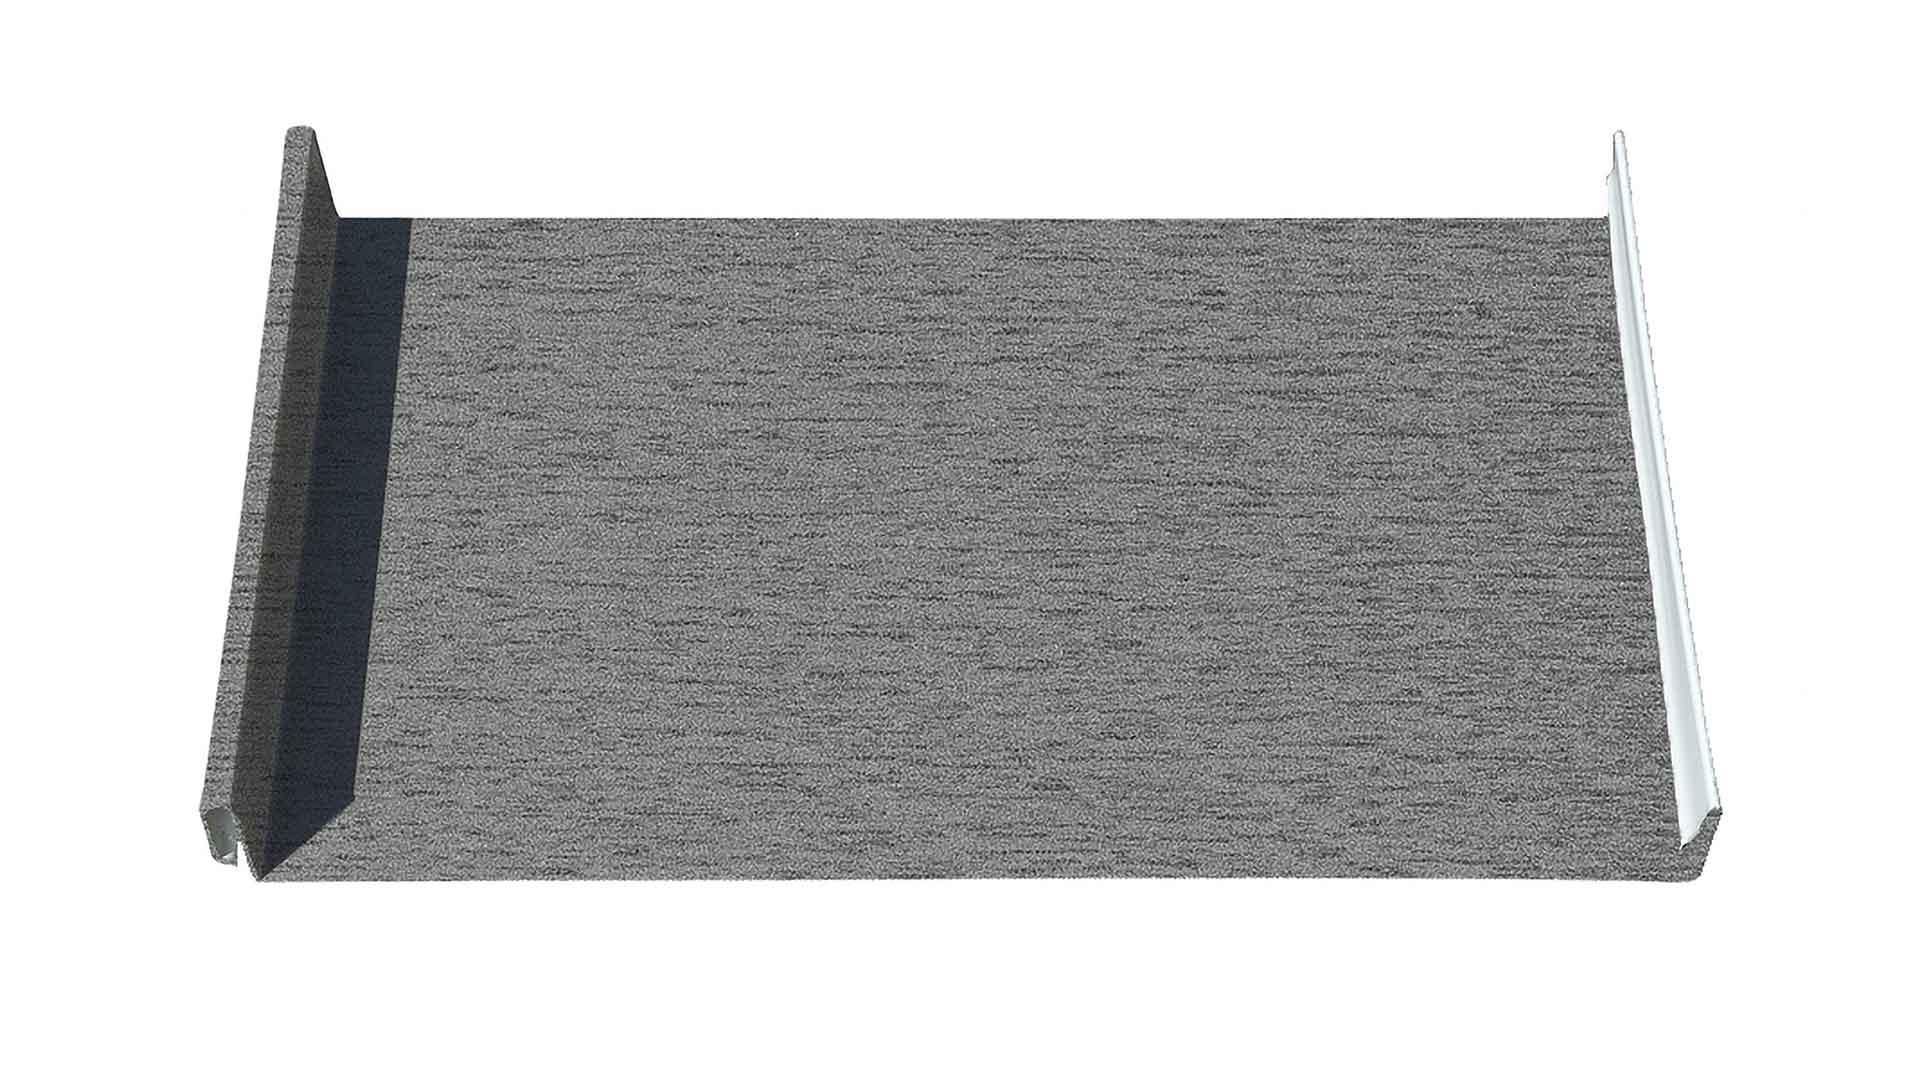 https://f.hubspotusercontent30.net/hubfs/6069238/images/galleries/gray-zinc-matte/gray-zinc-matte-standing-seam.jpg